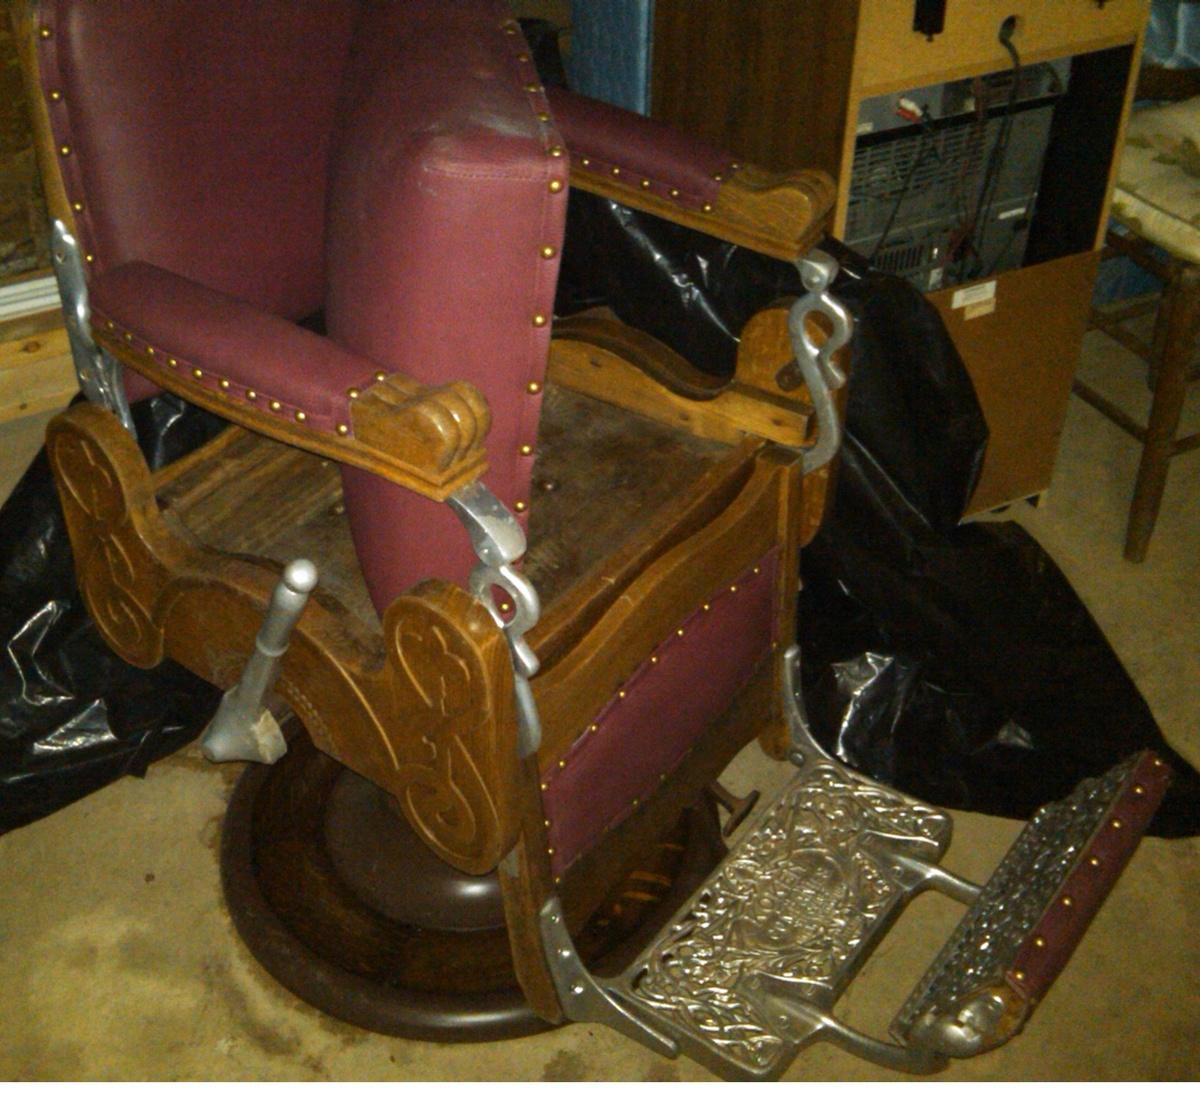 koken instappraisal img appraisal wood barber antique chair